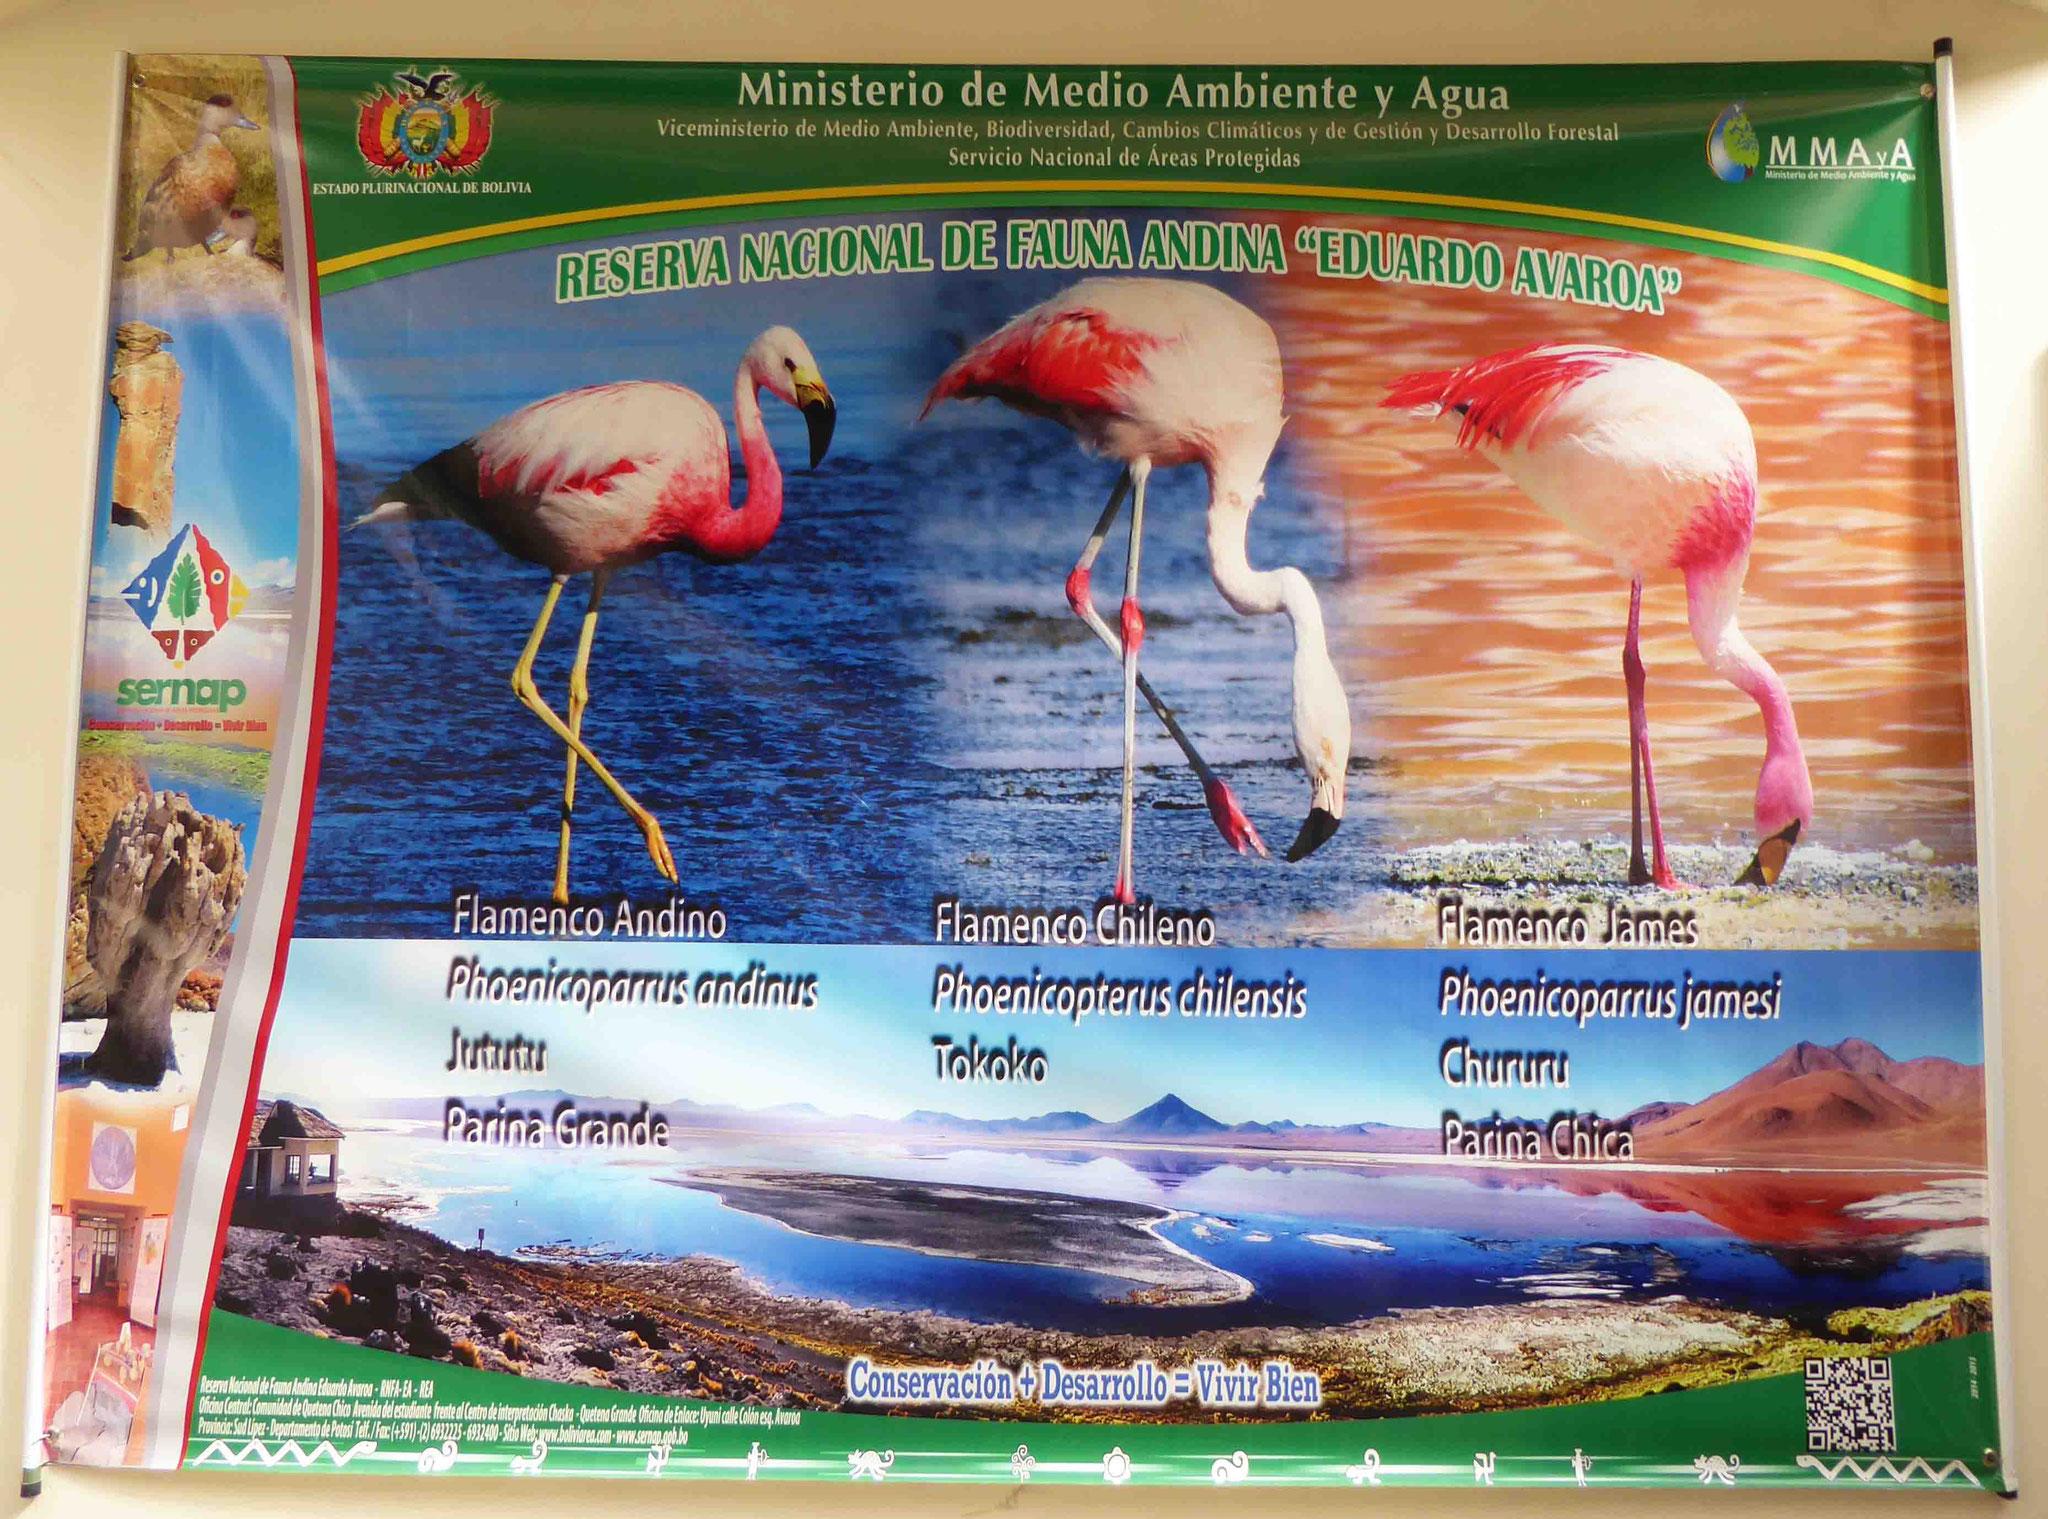 Nous pénétrons dans la réserve nationale de faune andine Eduardo Avaroa (7148 km²)